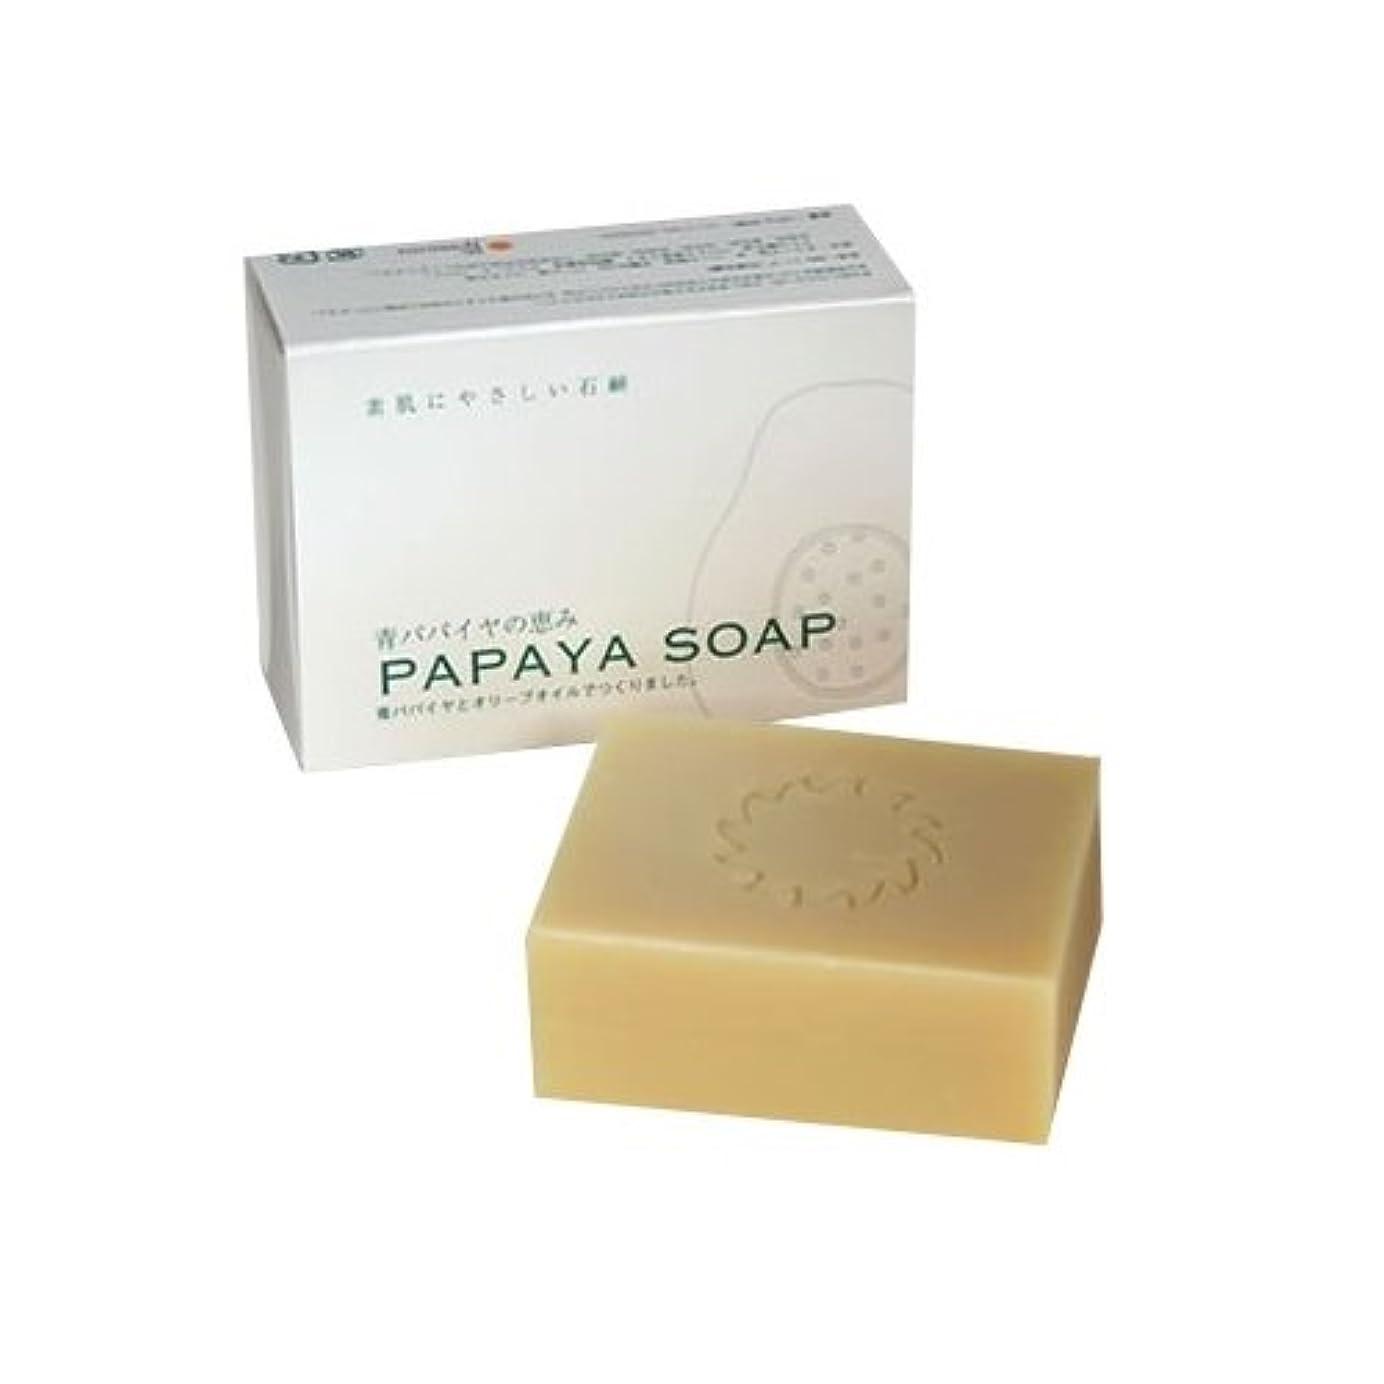 言う告発者あざ青パパイヤの恵み PAPAYA SOAP(パパイヤソープ) 100g